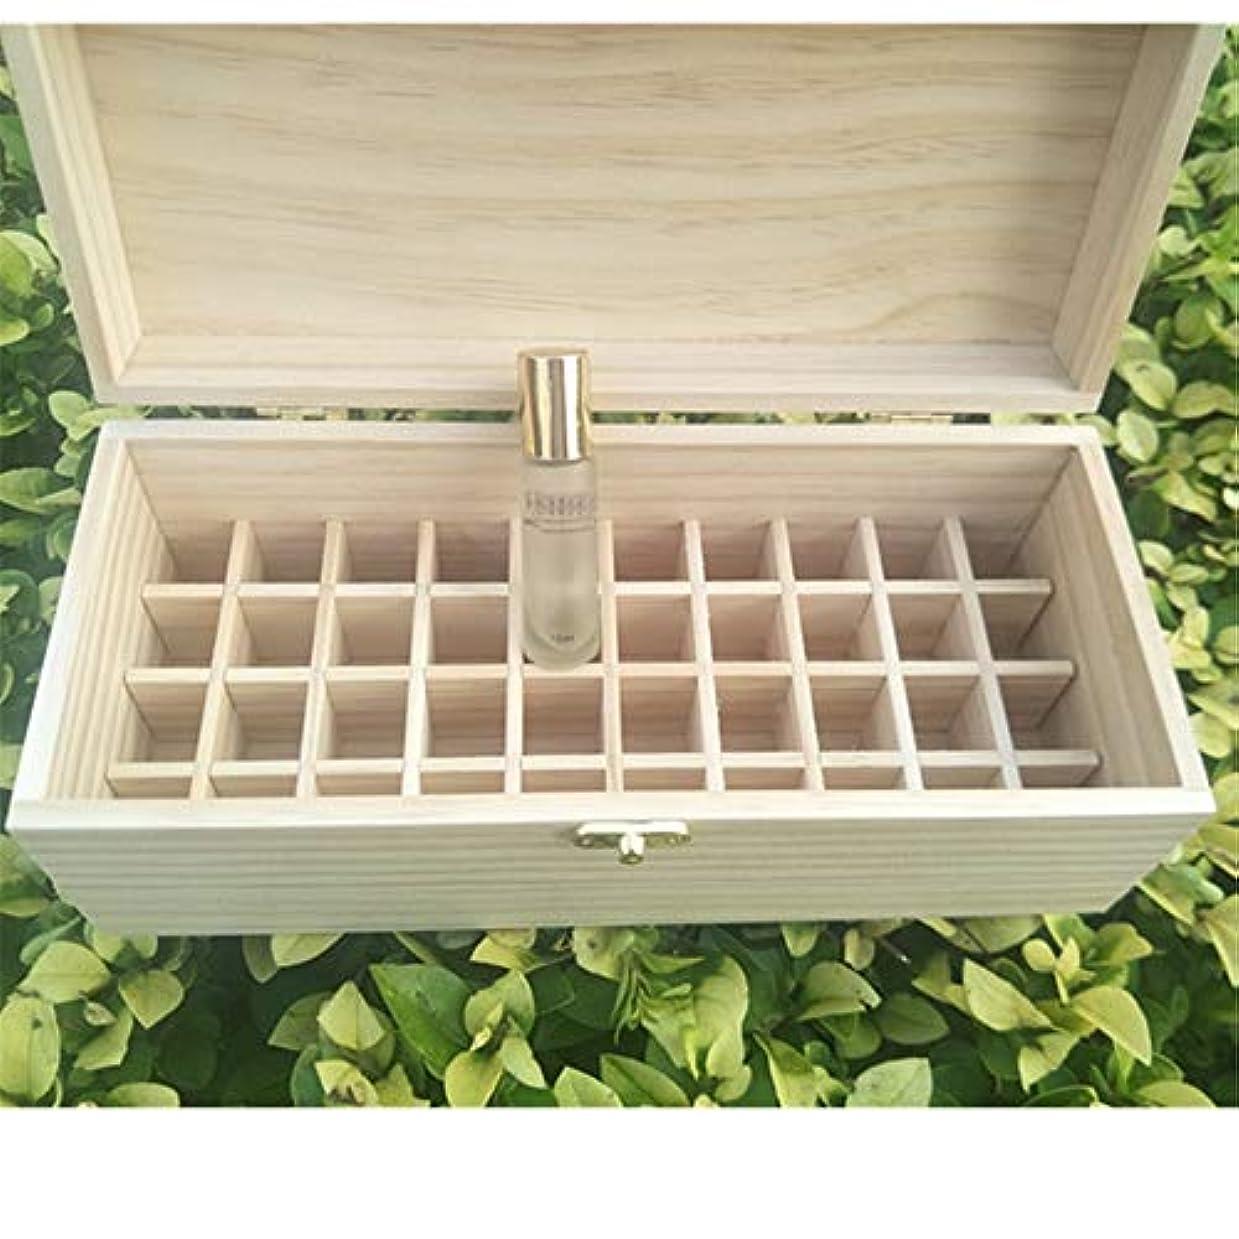 スクラップブック延期する毒40スロット木製エッセンシャルオイルの収納ボックスは40の10mlの油のボトルを保持します アロマセラピー製品 (色 : Natural, サイズ : 27X11.5X10.3CM)